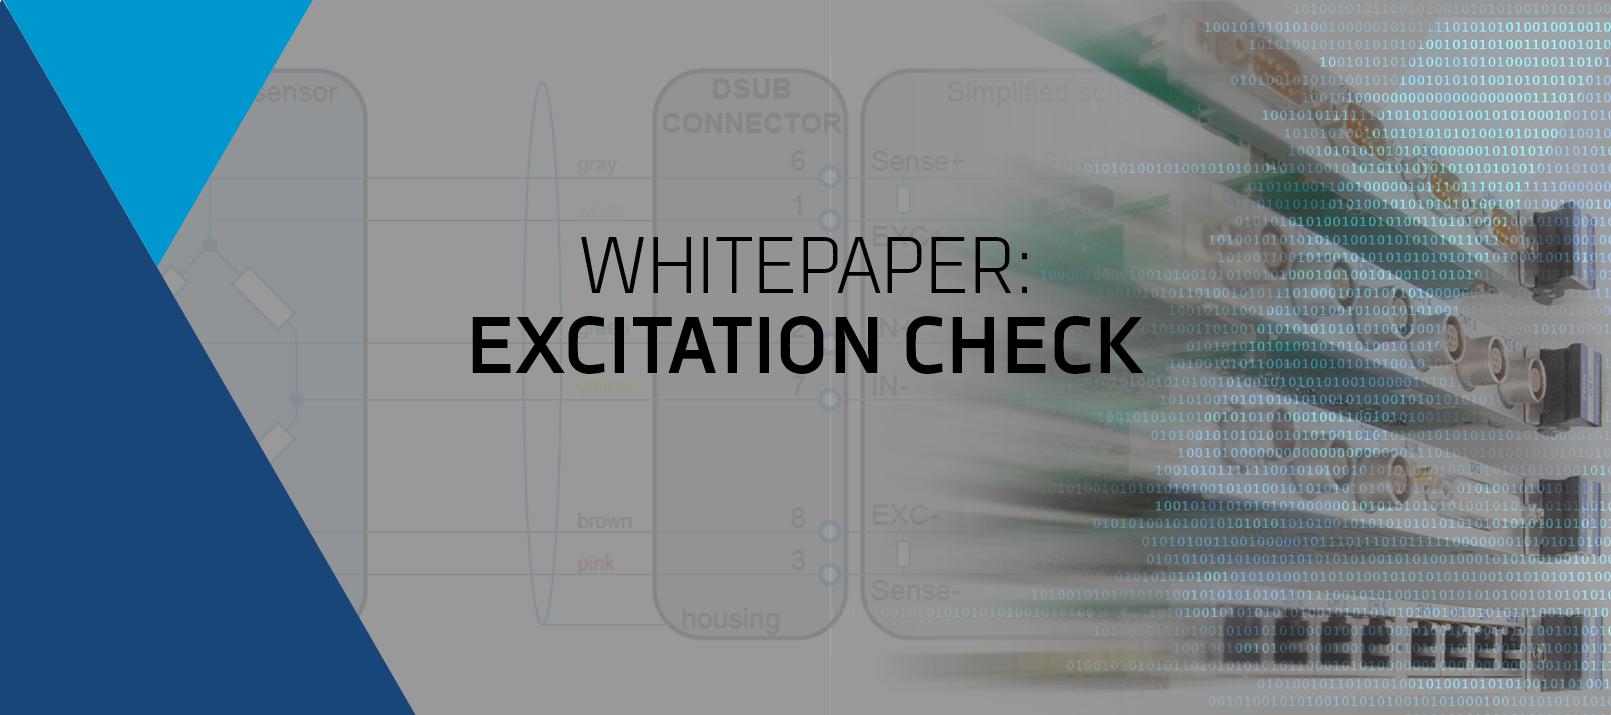 oxygen-excitation-check-header